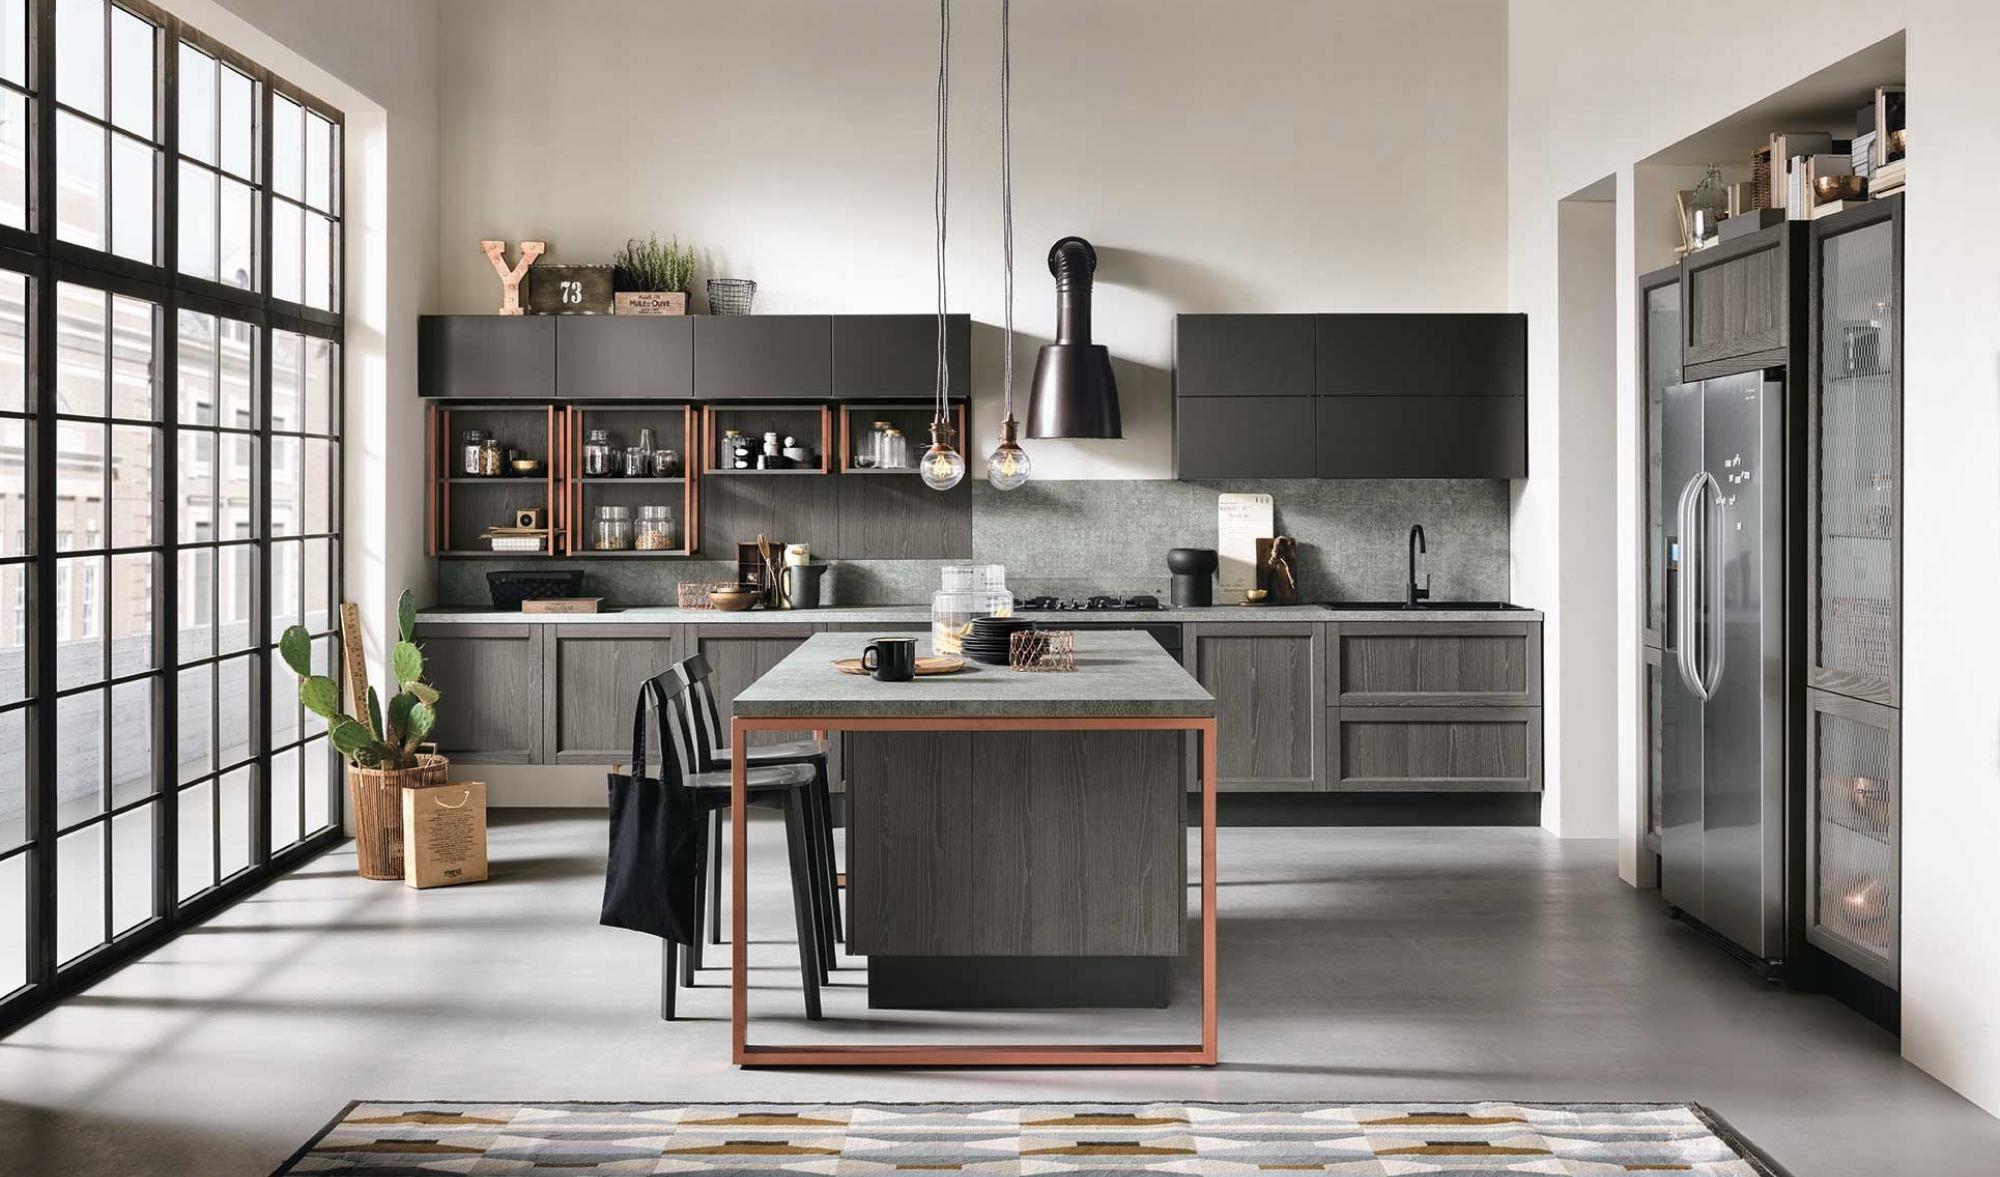 Artec talea novit cucina urban country style l for Arredare casa in stile country